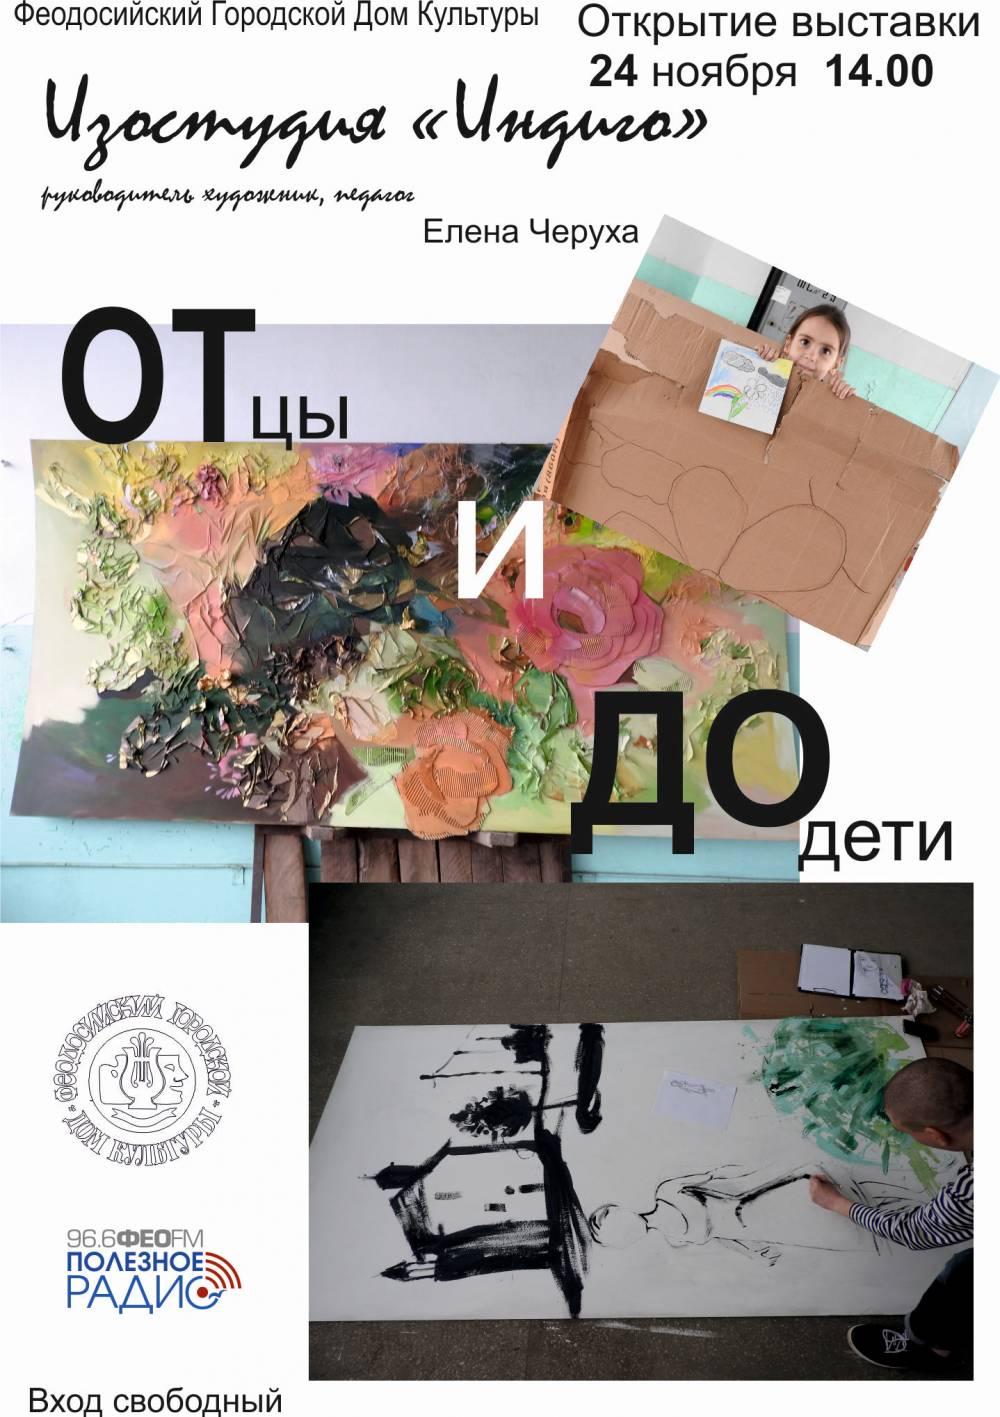 Открытие выставки изостудии «Индиго»